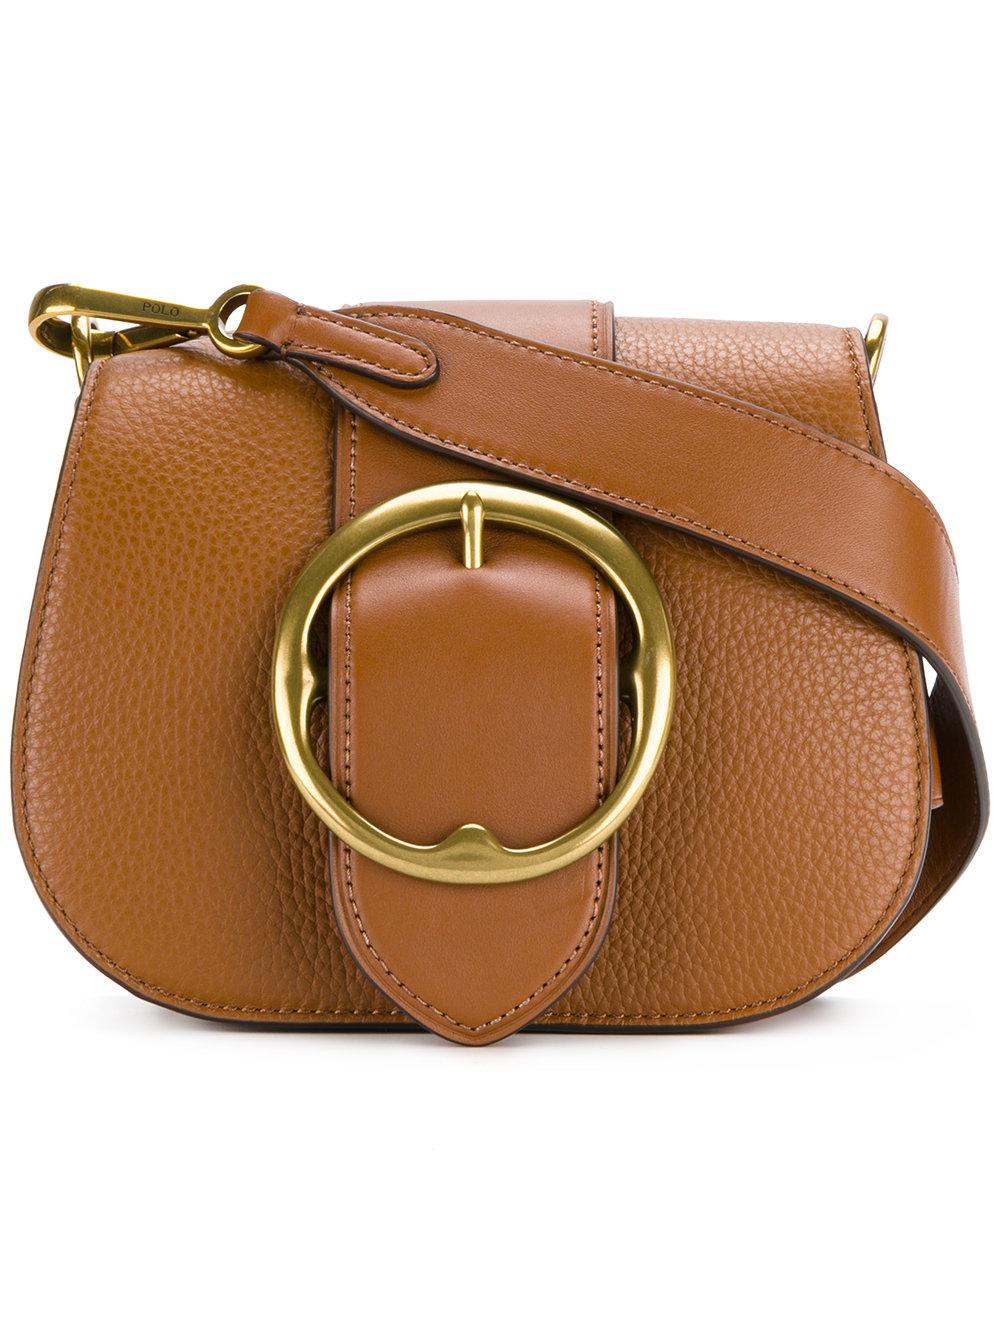 1b266da963 Questa di Polo Ralph Lauren è stupenda. Peccato per la misura. E' tanto  piccola che il mio portafogli non ci entra.